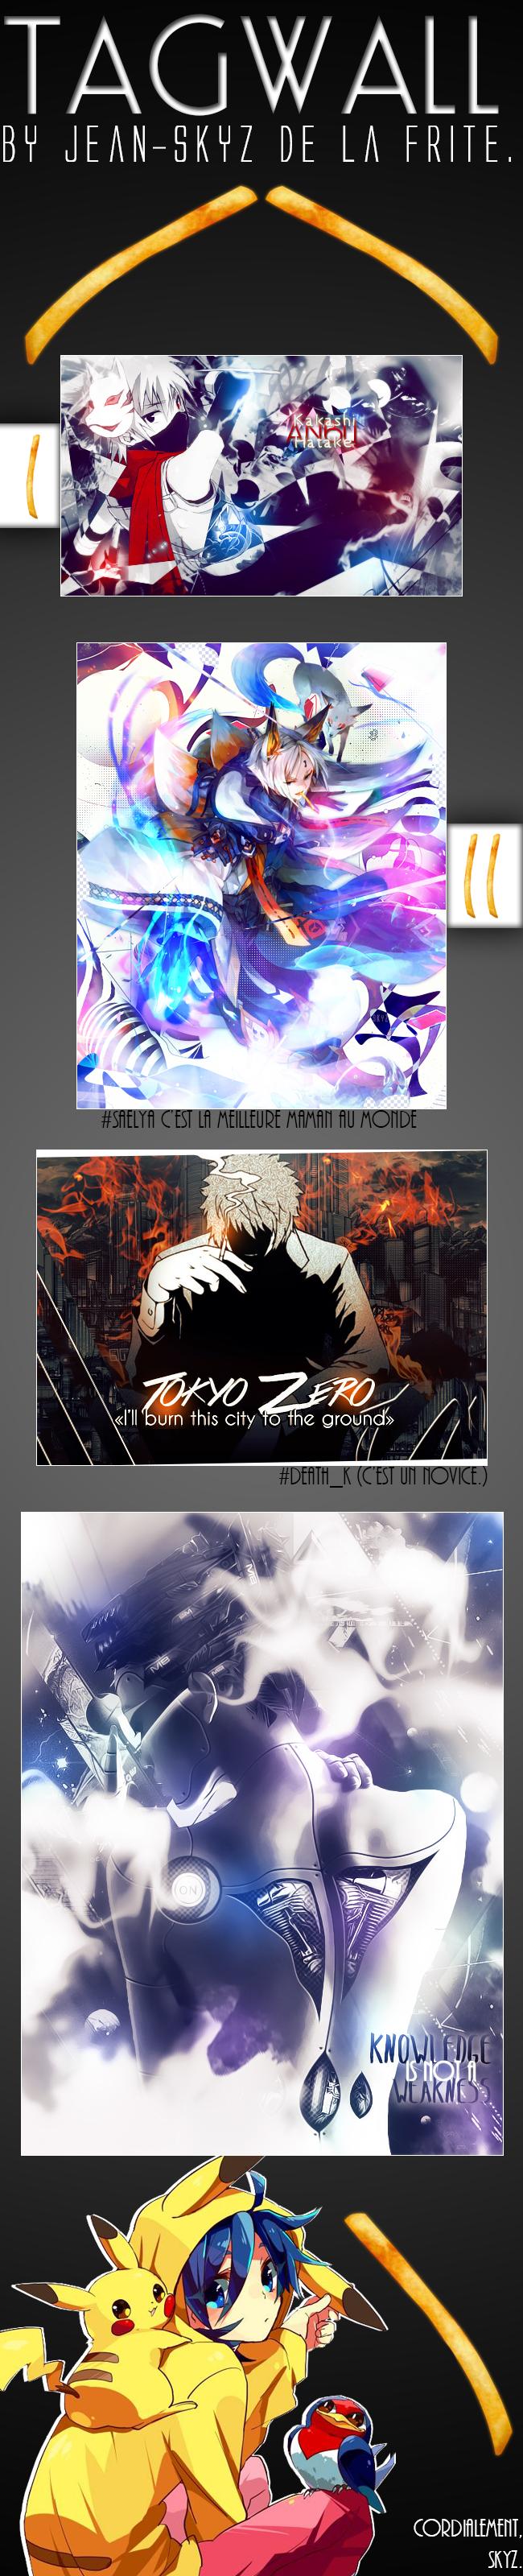 SkyZou'nouille - Page 2 _tagwall__jean_skyz_de_la_frite_by_skyzouille-d9vjmsr